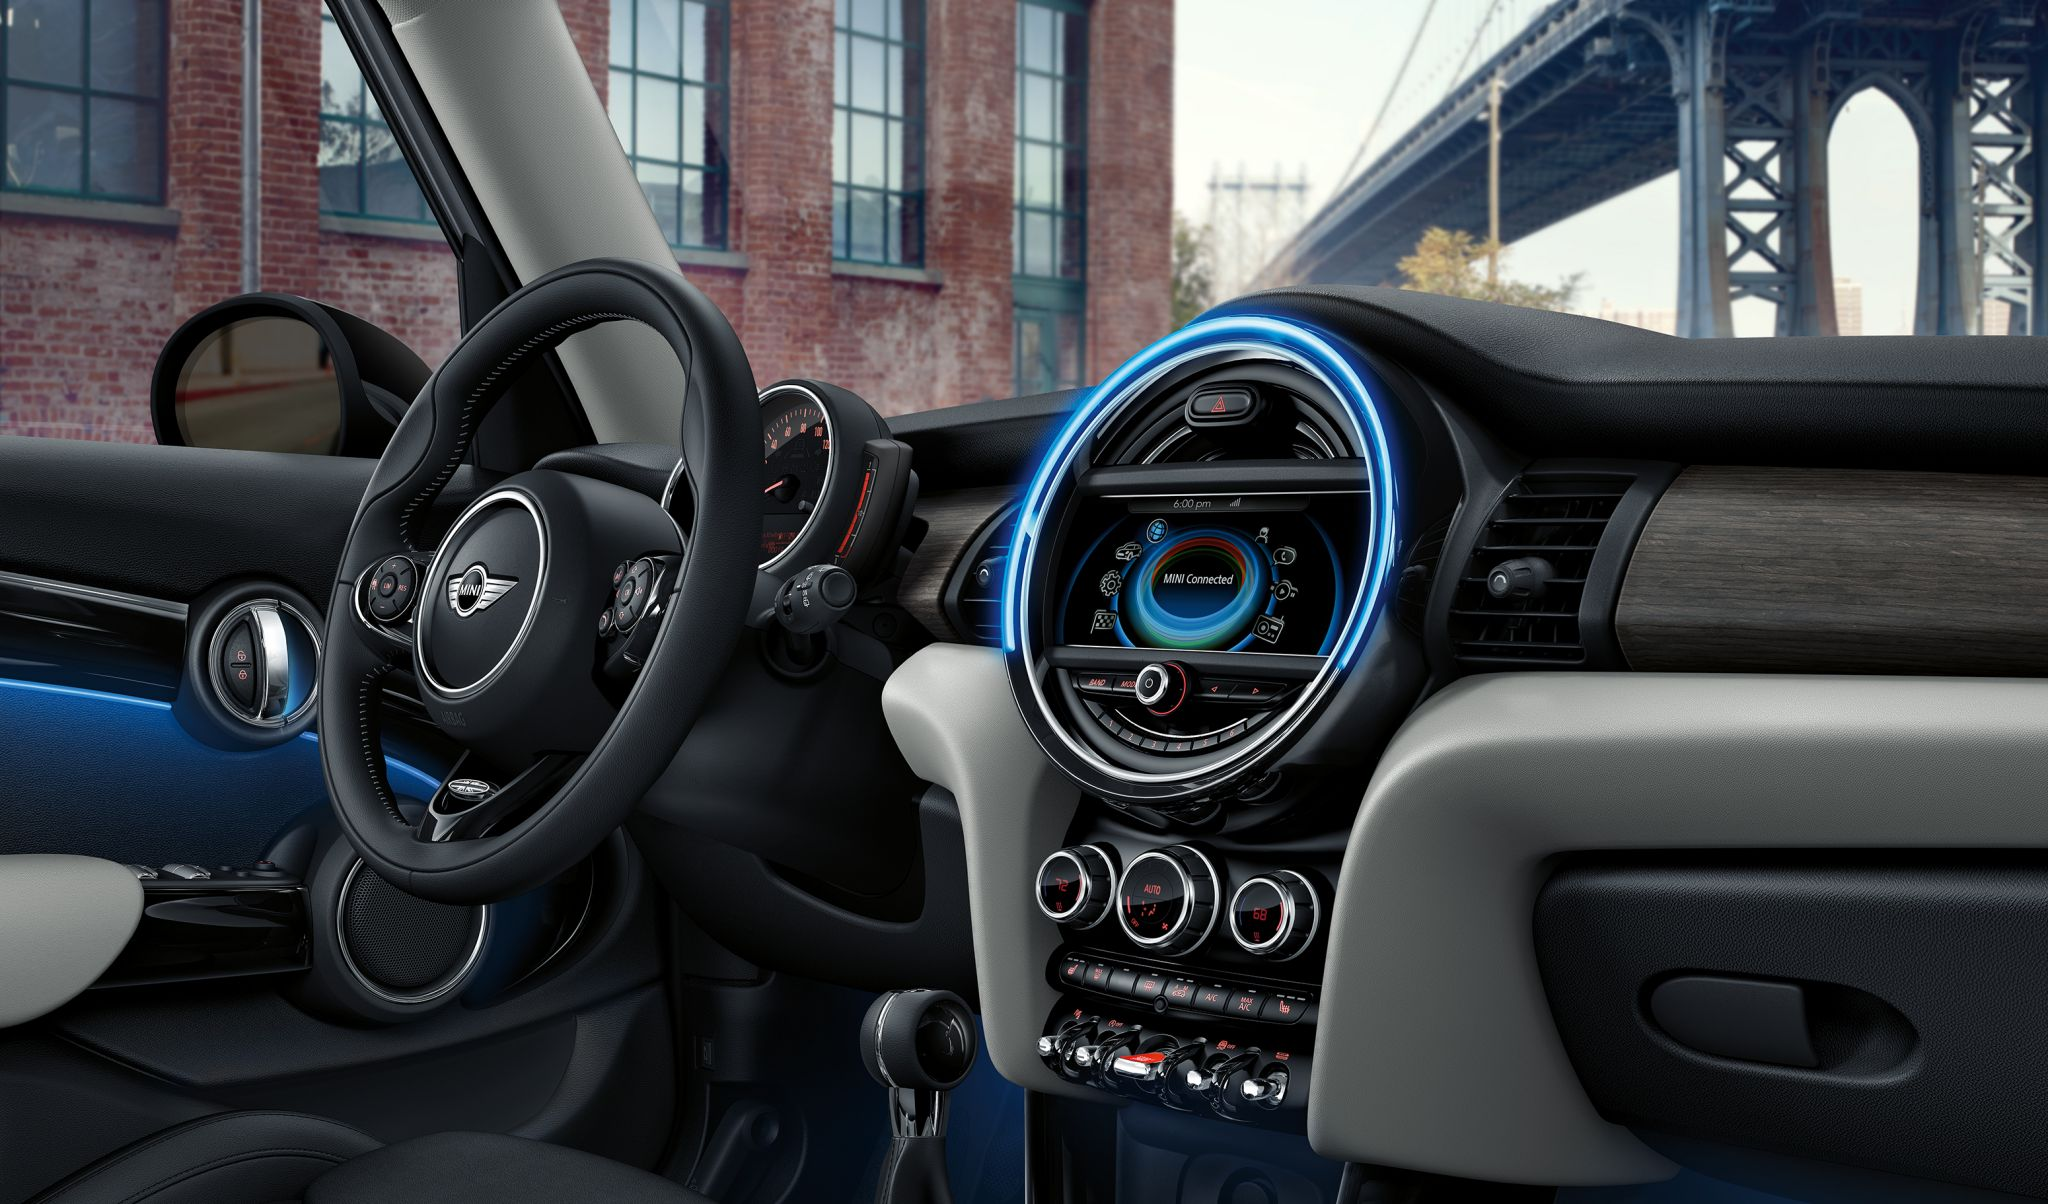 2018 MINI Cooper 2-door Hardtop Interior